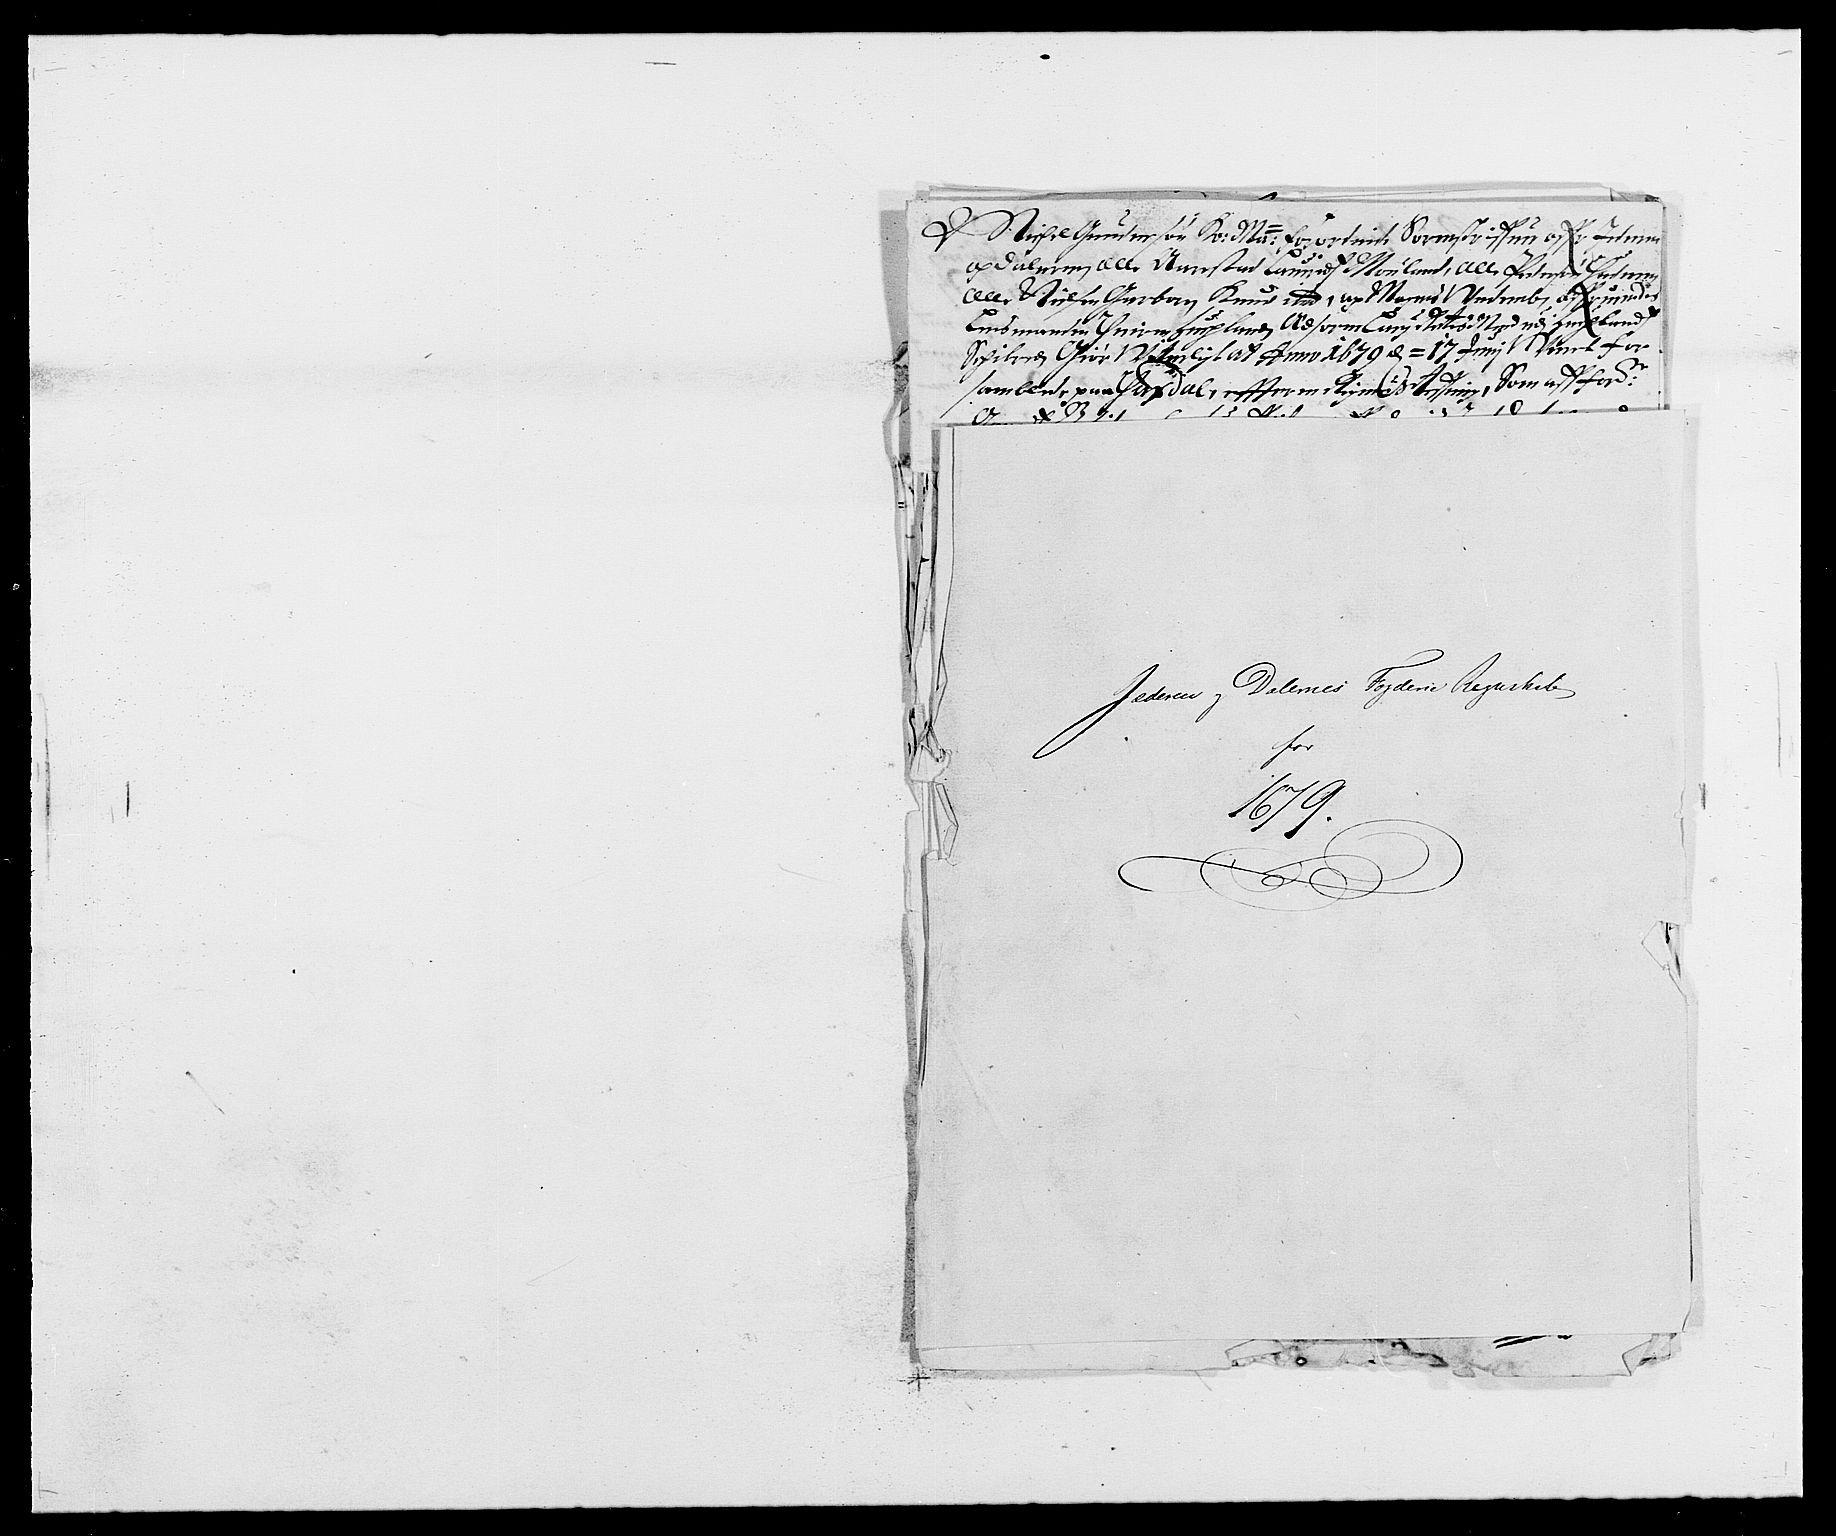 RA, Rentekammeret inntil 1814, Reviderte regnskaper, Fogderegnskap, R46/L2720: Fogderegnskap Jæren og Dalane, 1679, s. 1